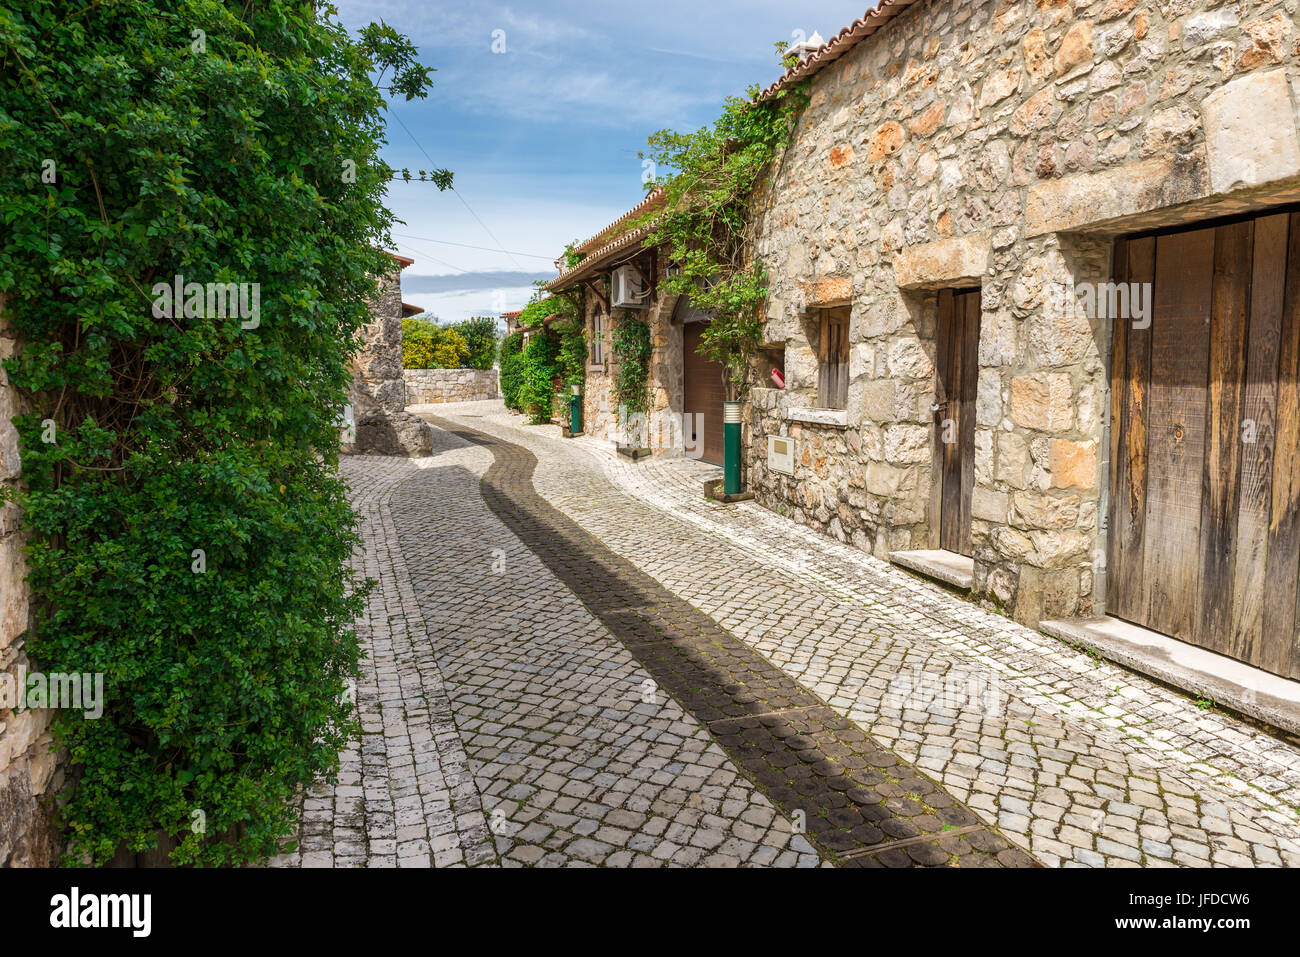 Pia do Urso village, Fatima, Portugal Stock Photo